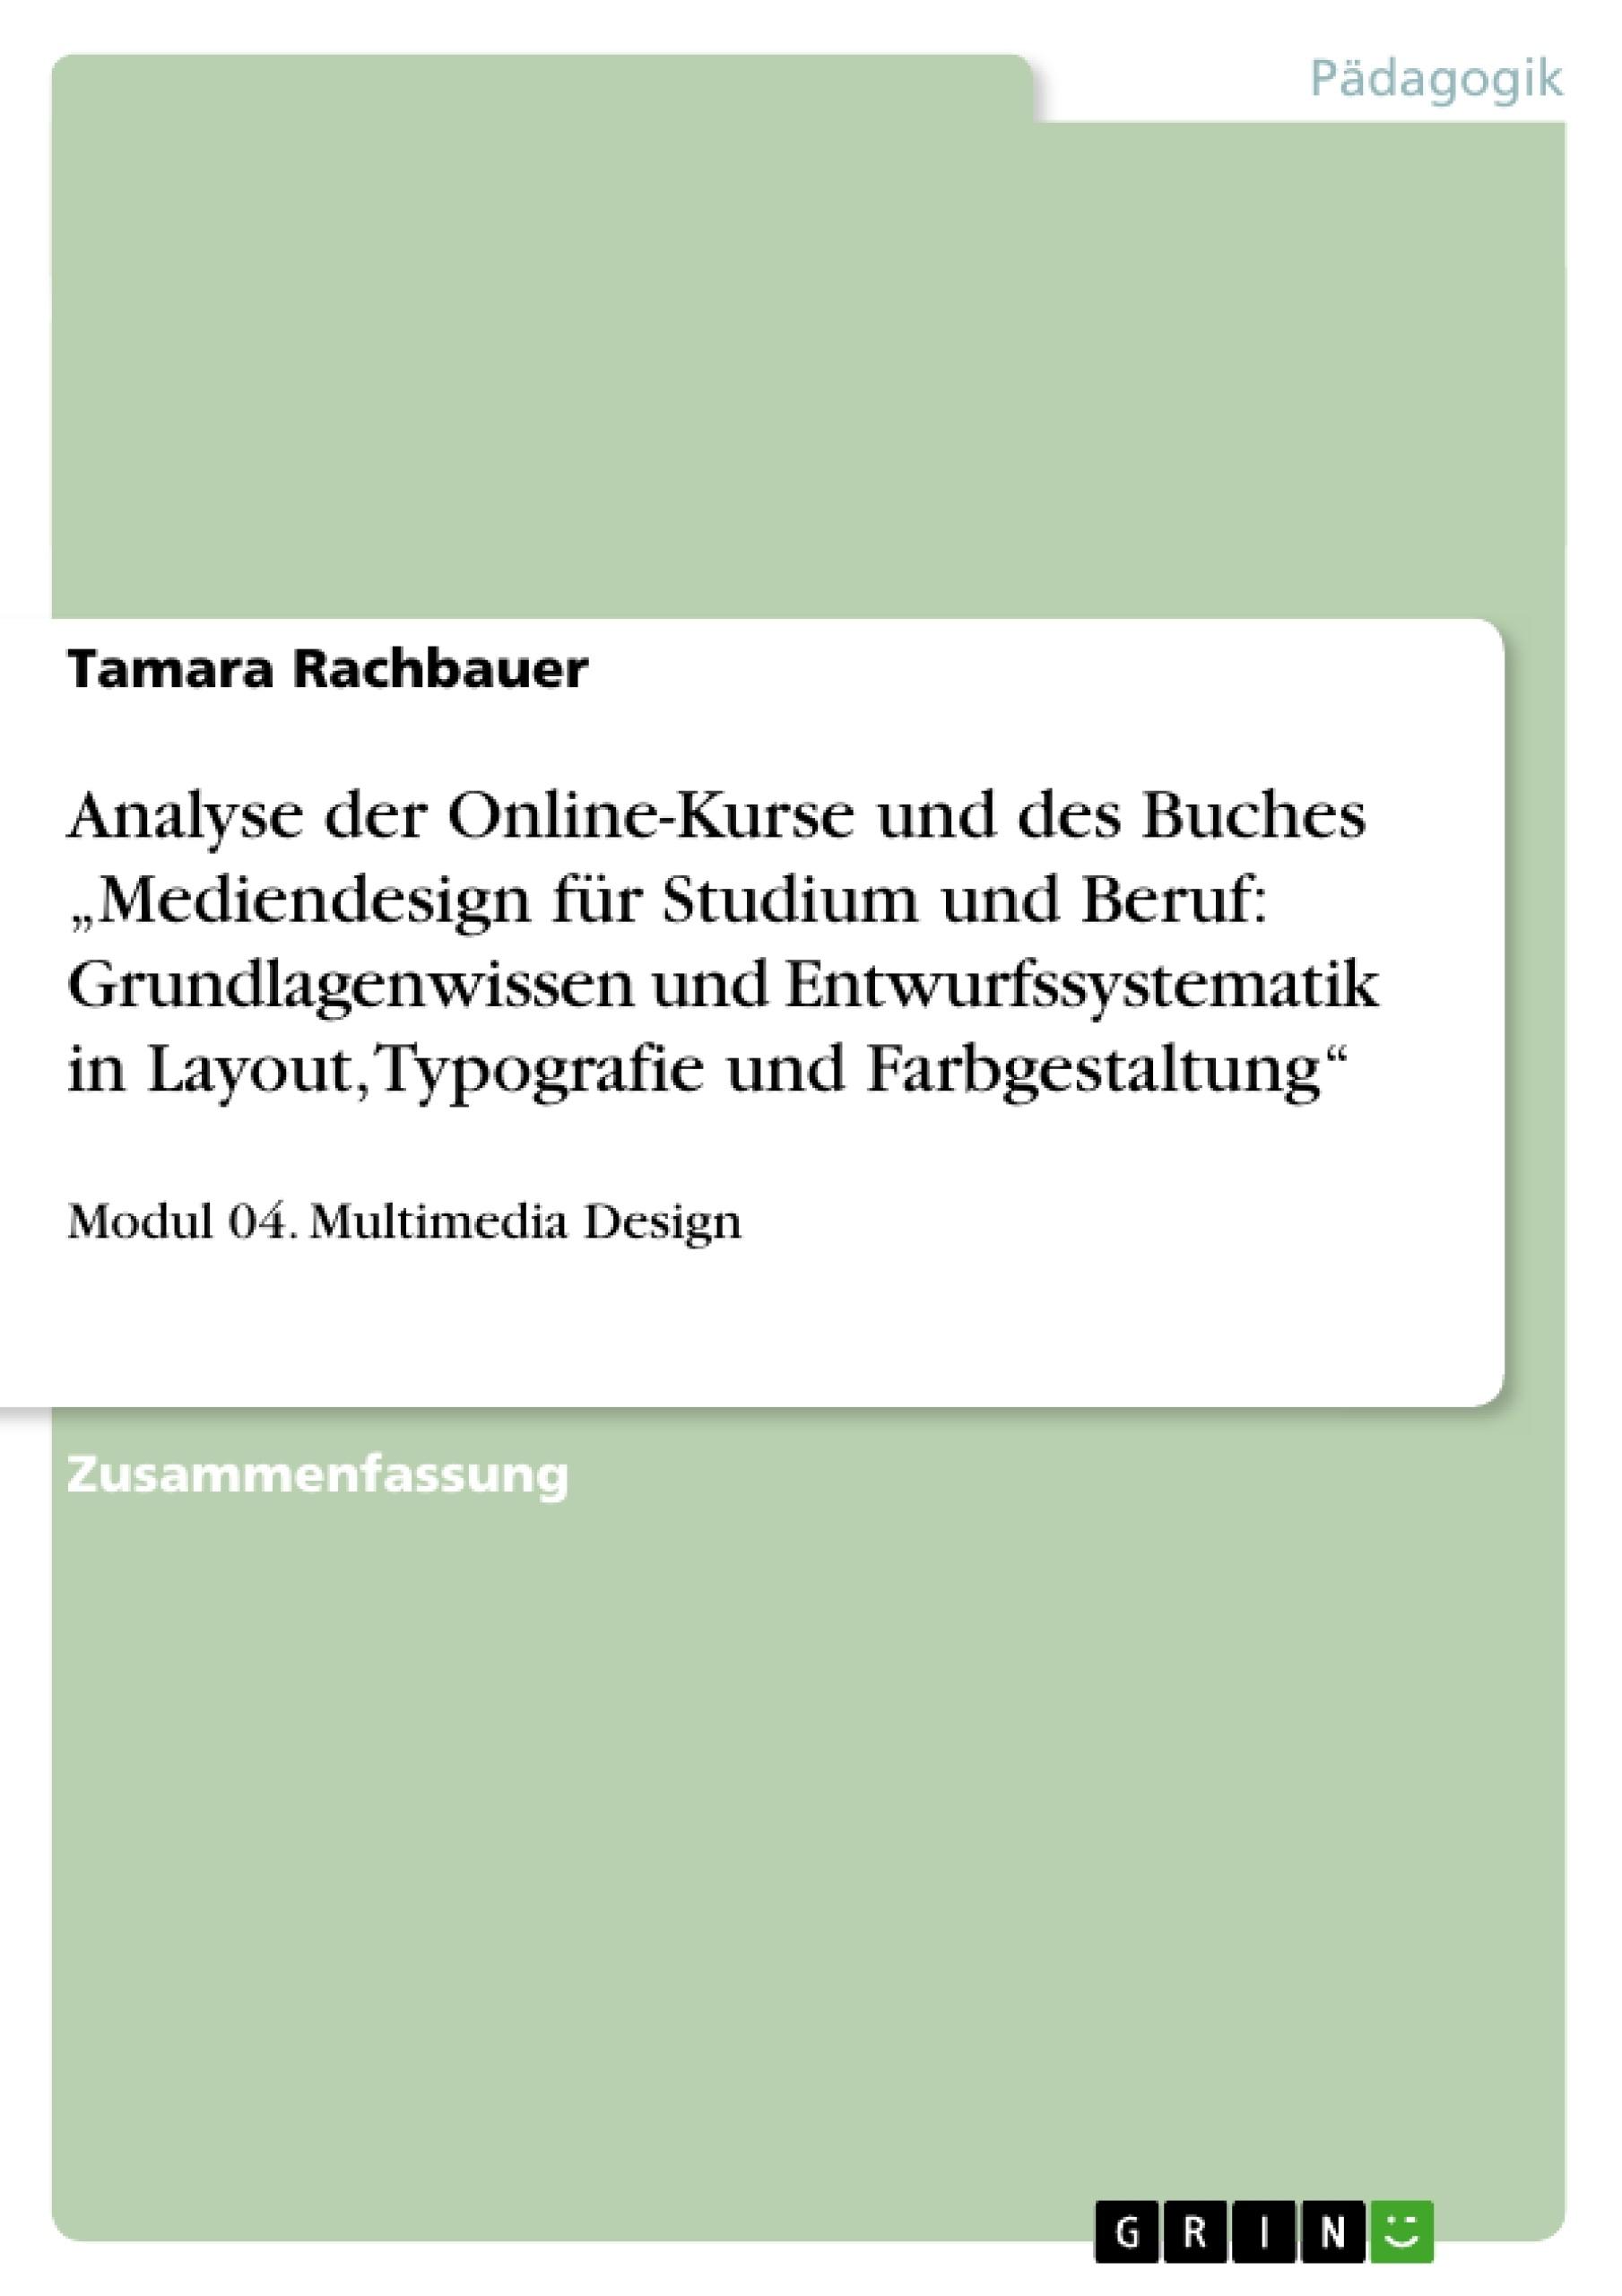 """Titel: Analyse der Online-Kurse und des Buches """"Mediendesign für Studium und Beruf: Grundlagenwissen und Entwurfssystematik in Layout, Typografie und Farbgestaltung"""""""